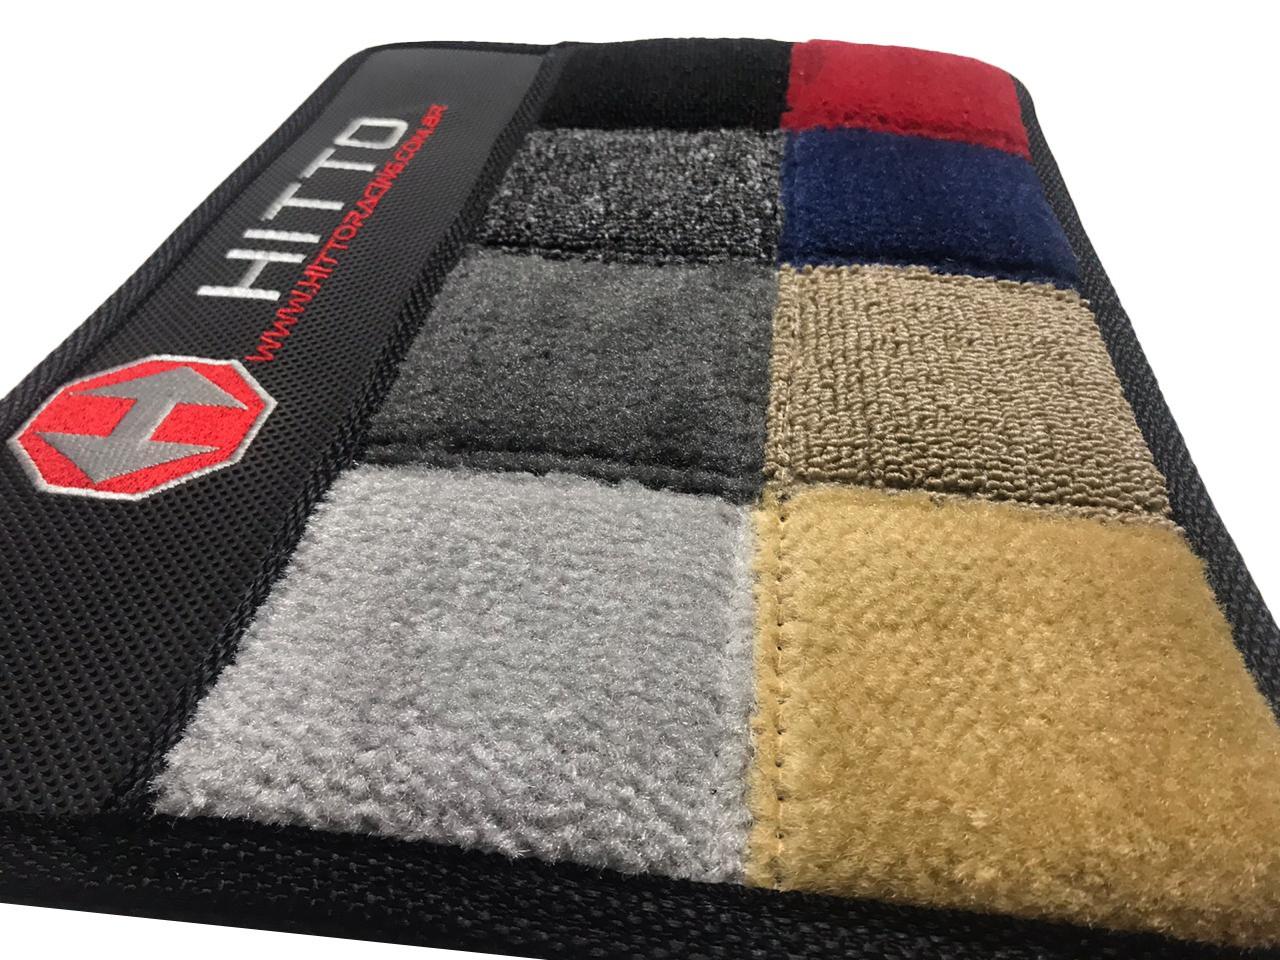 Tapete Renault Scenic Carpete Premium Alto Padrão Hitto